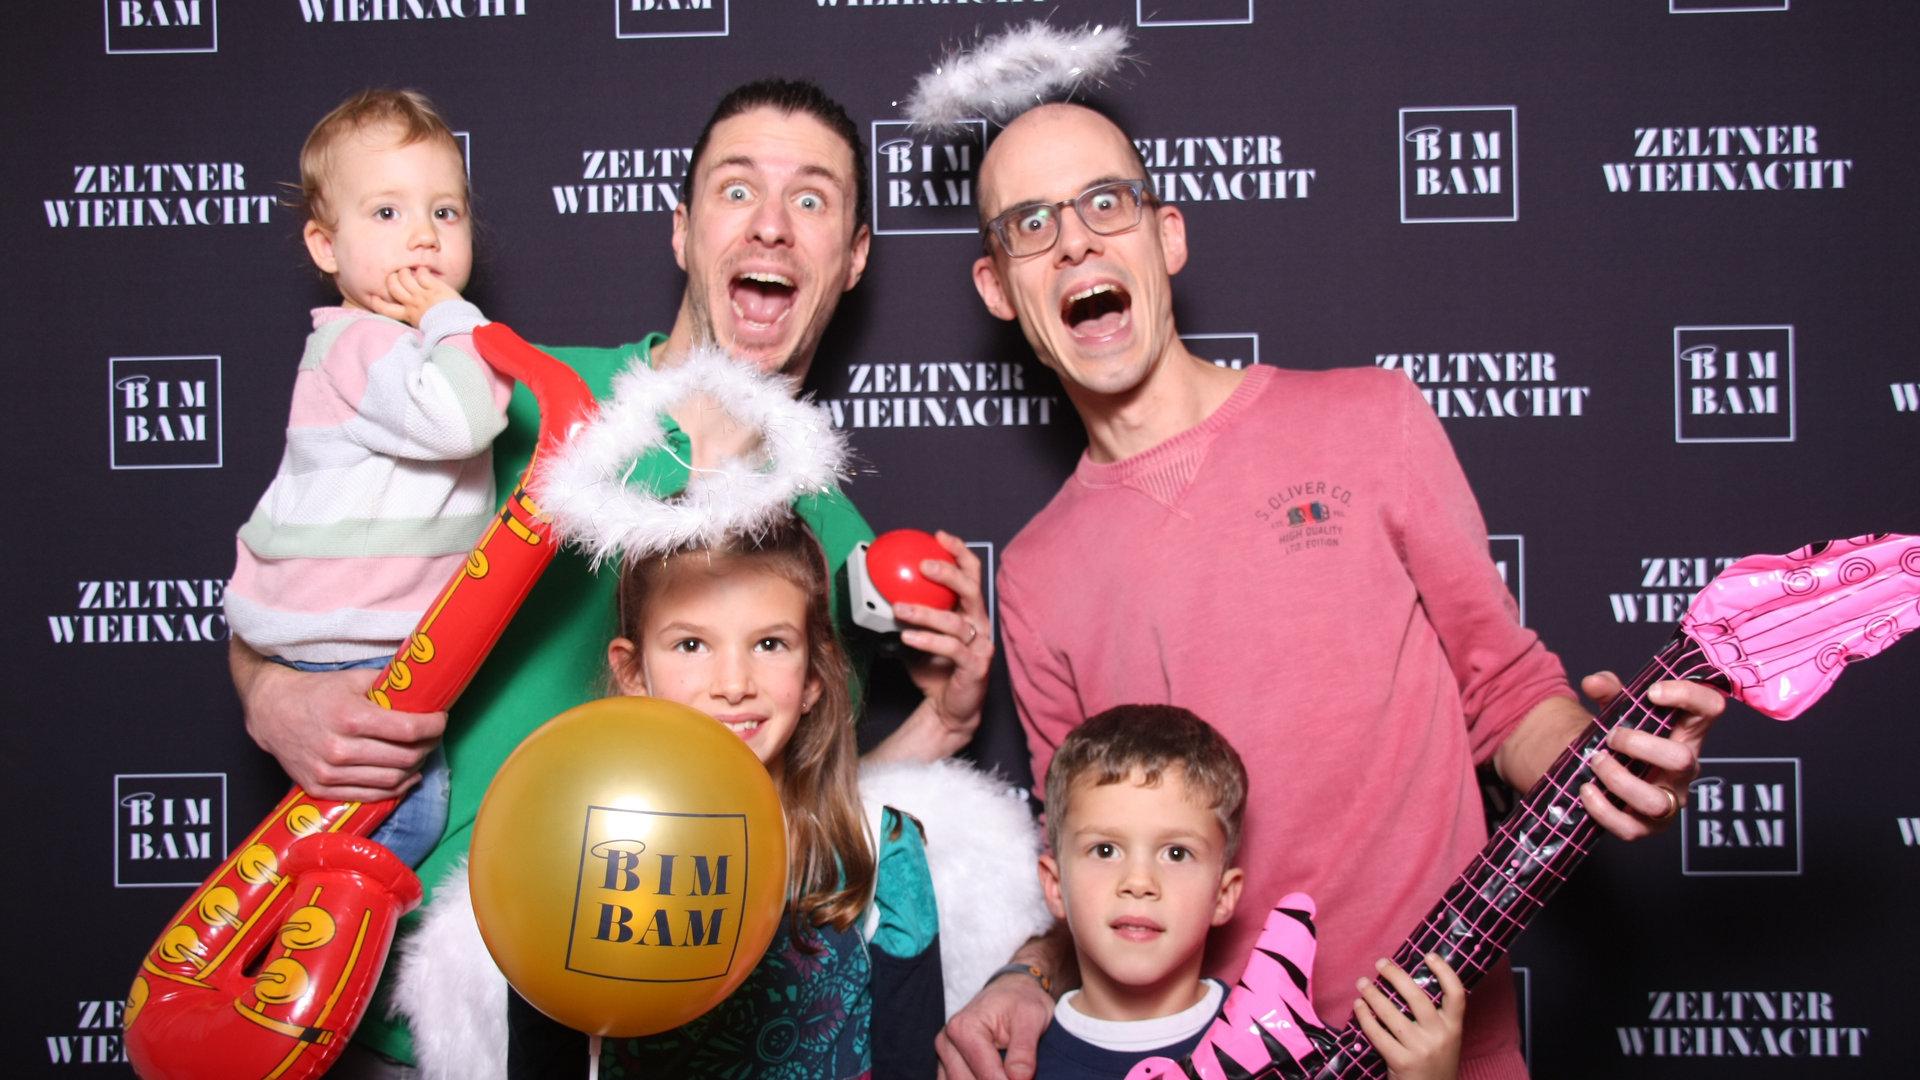 Zeltner Wiehnacht Tour 2019_8